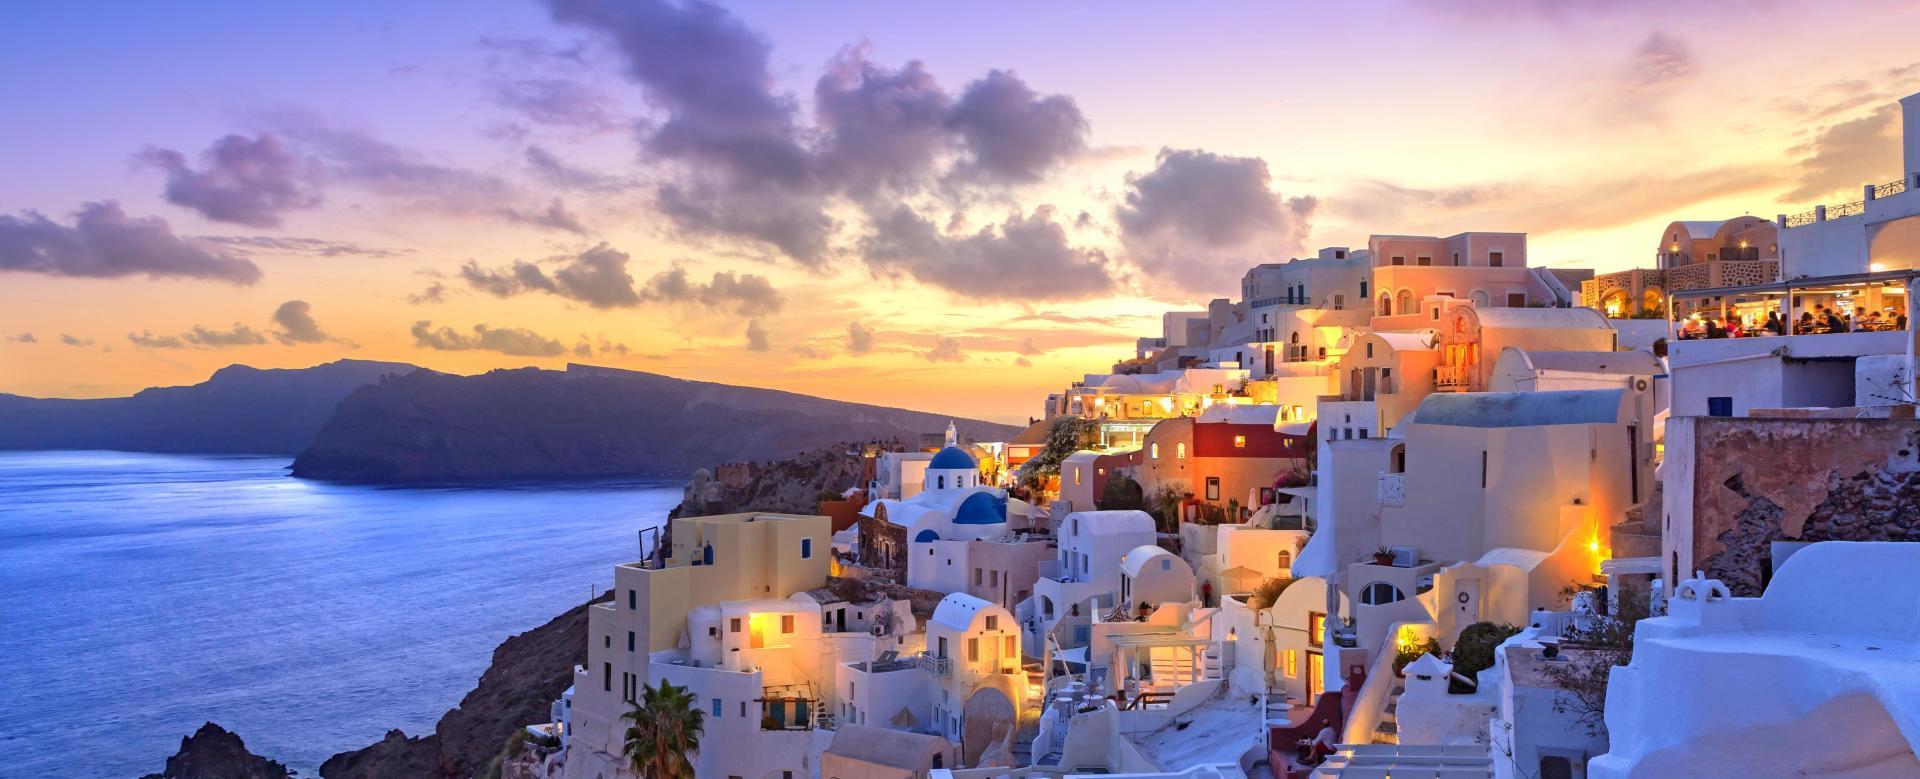 Voyage à pied : Santorin, therissia et naxos